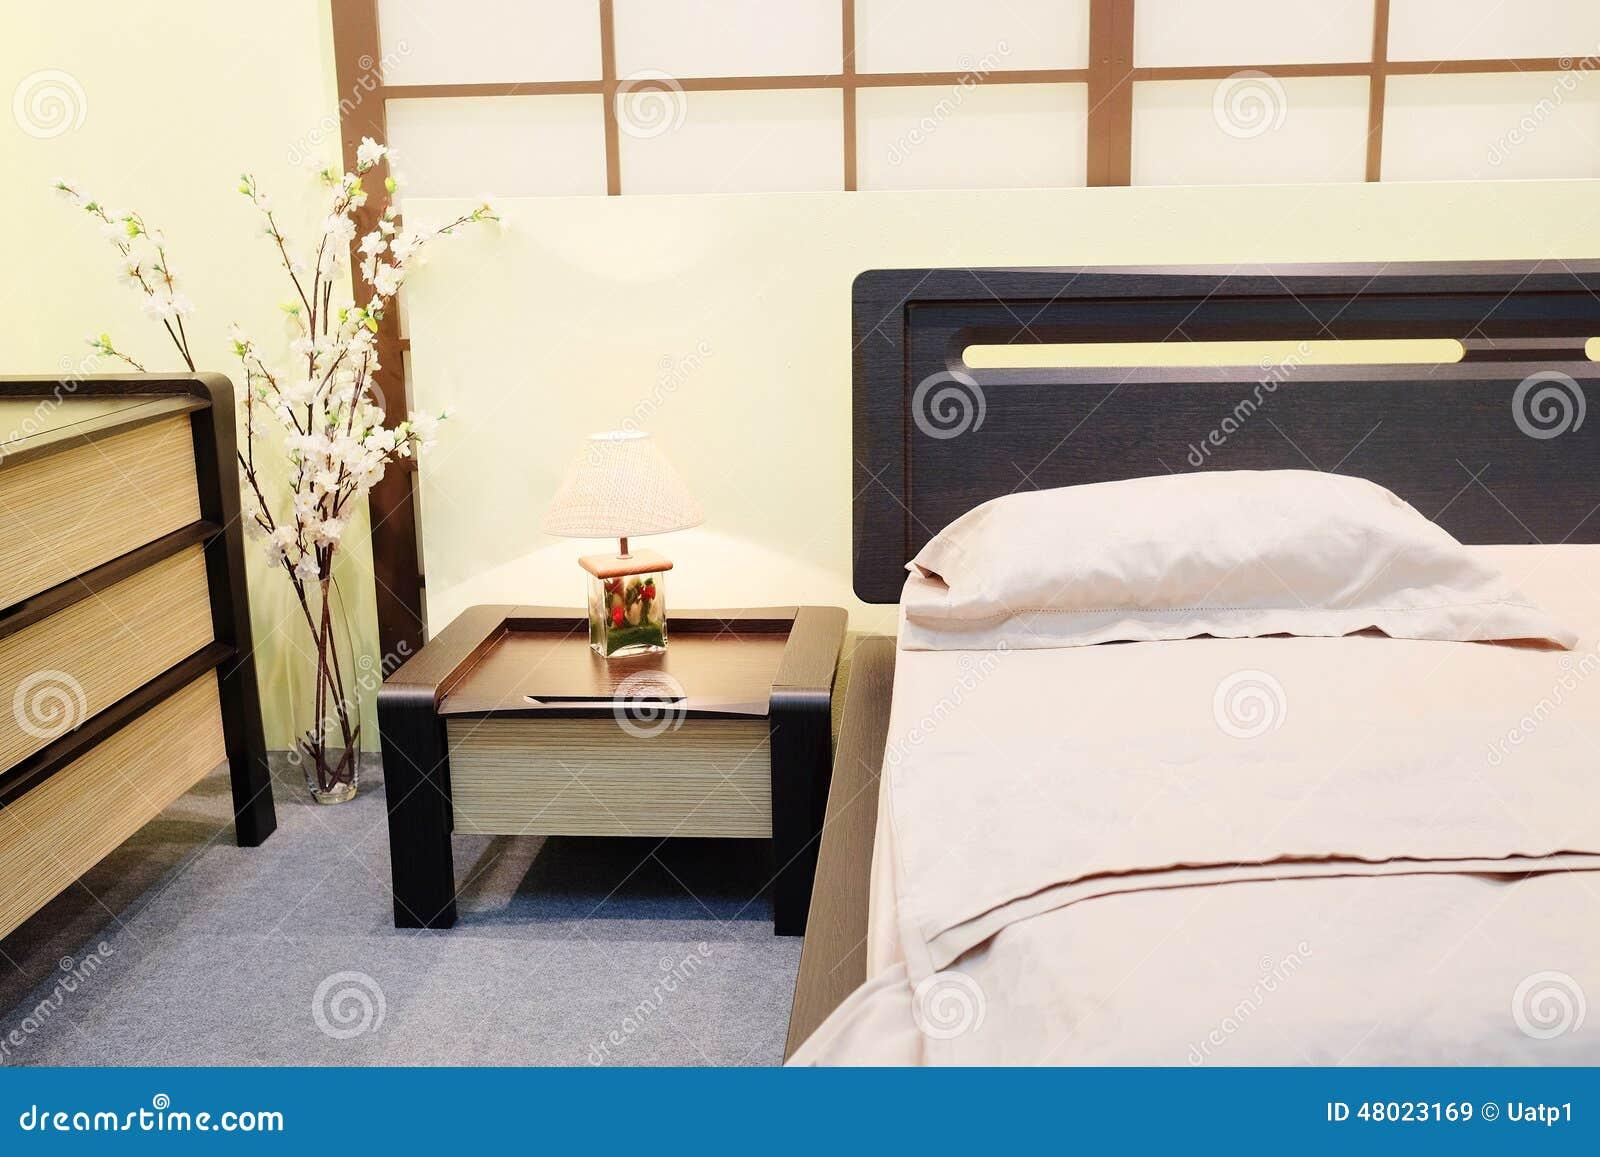 Camera Da Letto Japan : Camera da letto nello stile giapponese immagine stock